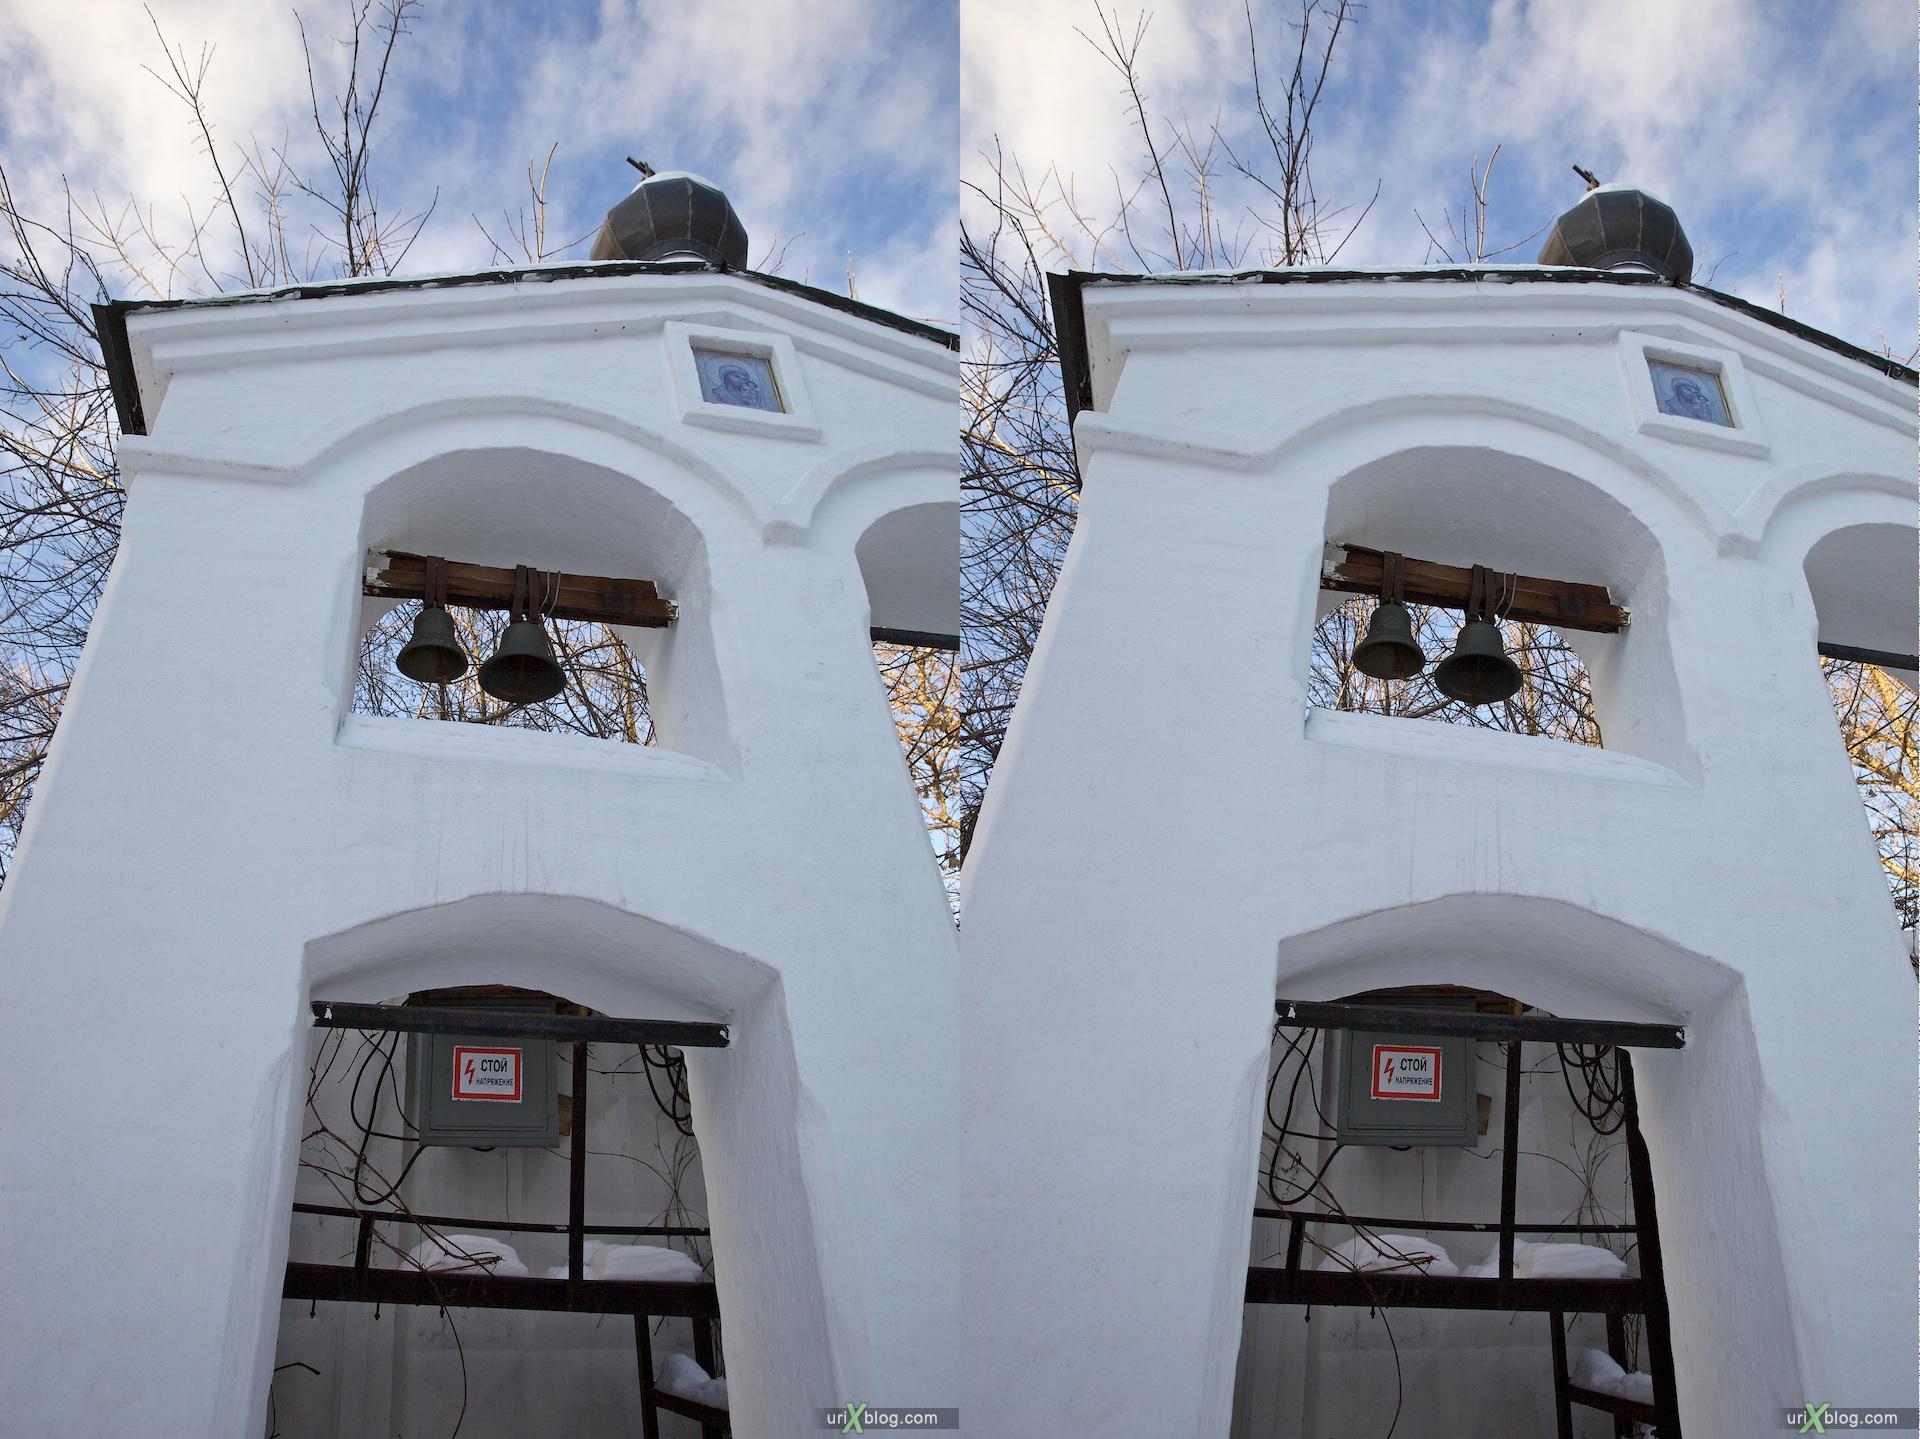 2010 3D, stereo, cross-eyed, стерео, стереопара Moscow, Москва, Церковь Рождества Пресвятой Богородицы в Старом Симонове